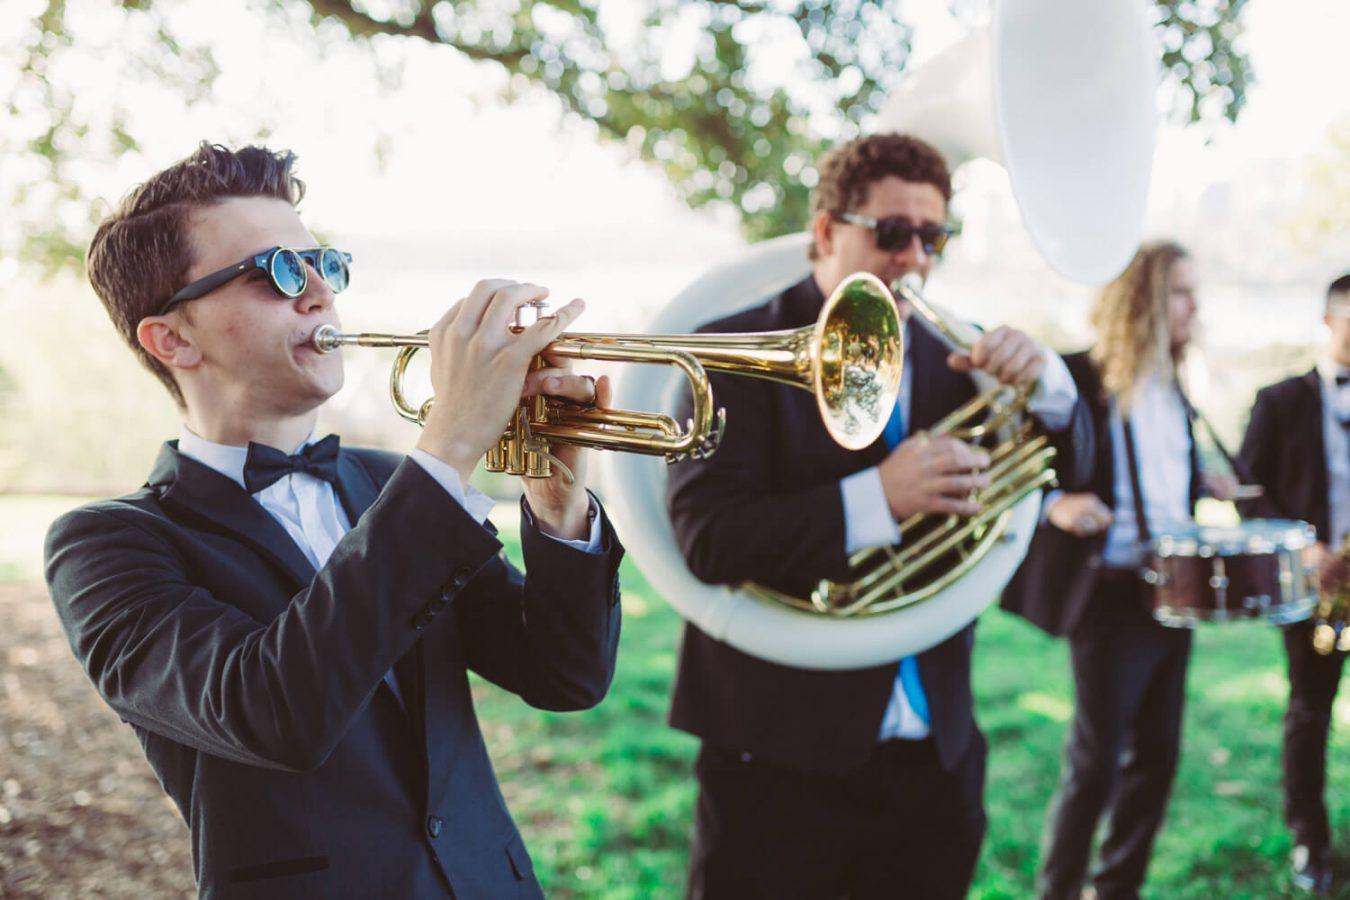 lela_rob_wedding_kat_rollings-0184